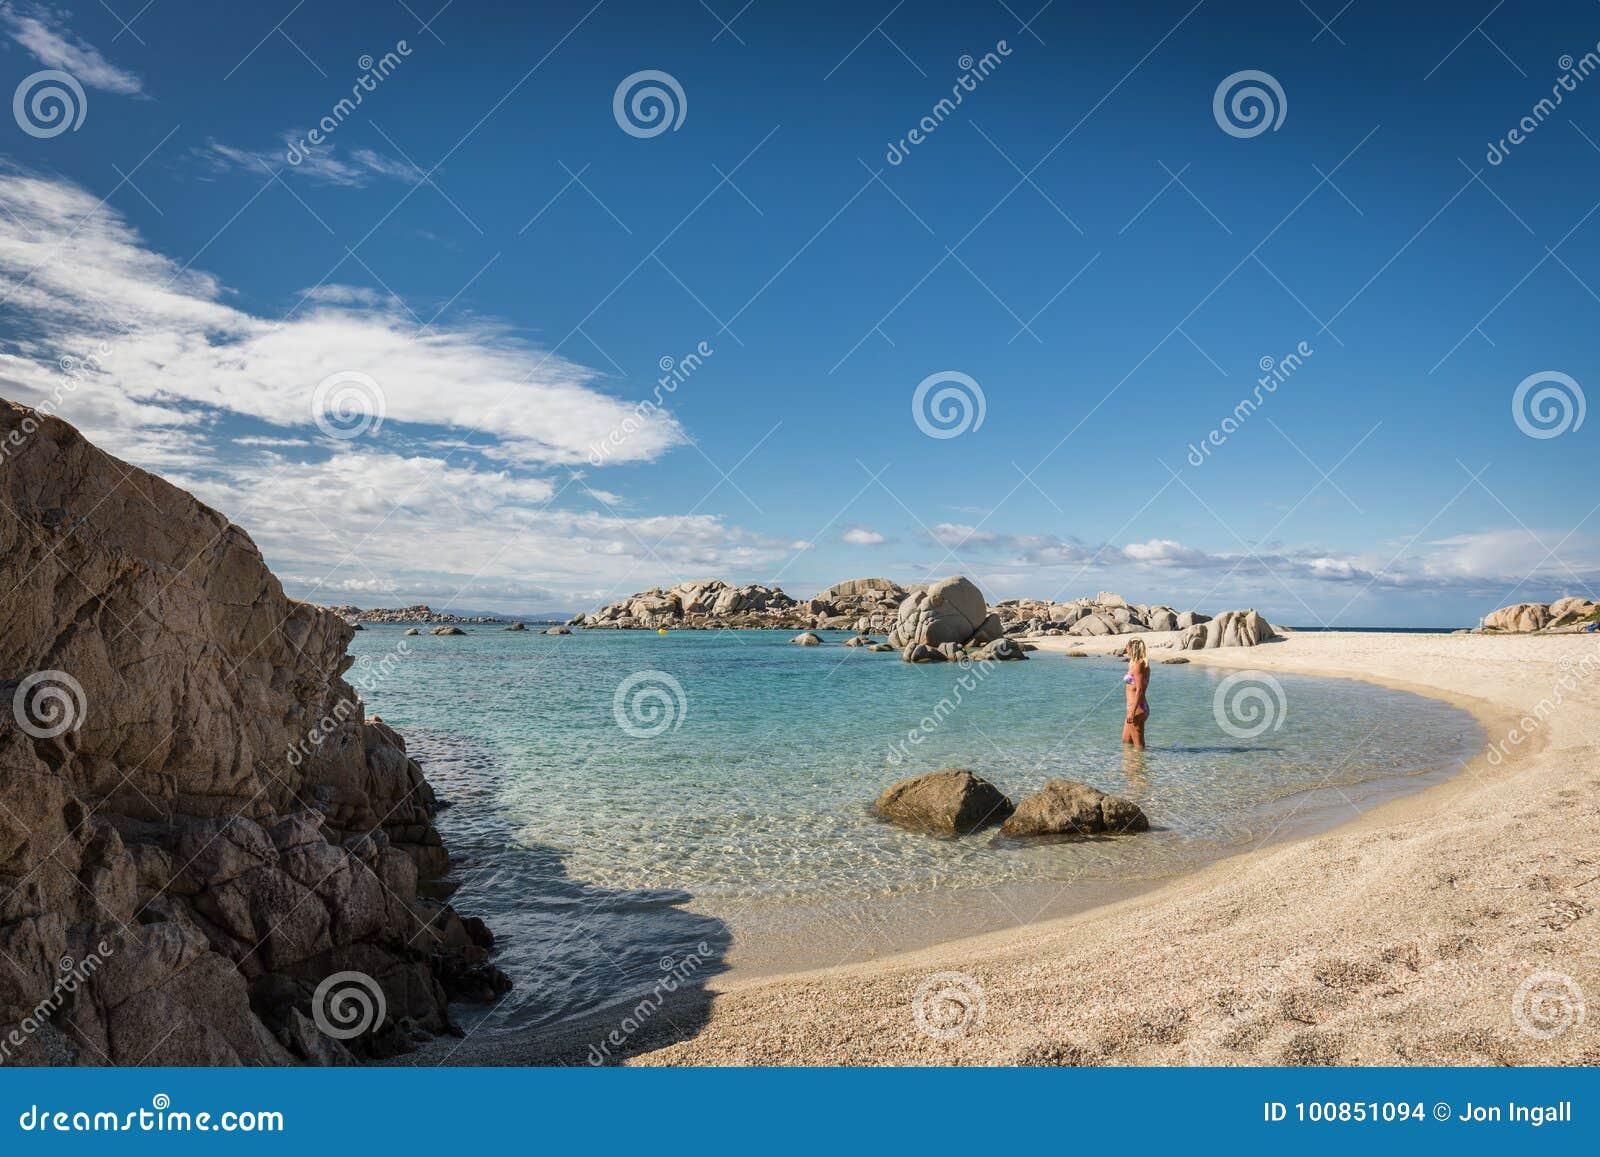 Γυναίκα στο μπικίνι στη θάλασσα στο νησί Cavallo κοντά στην Κορσική